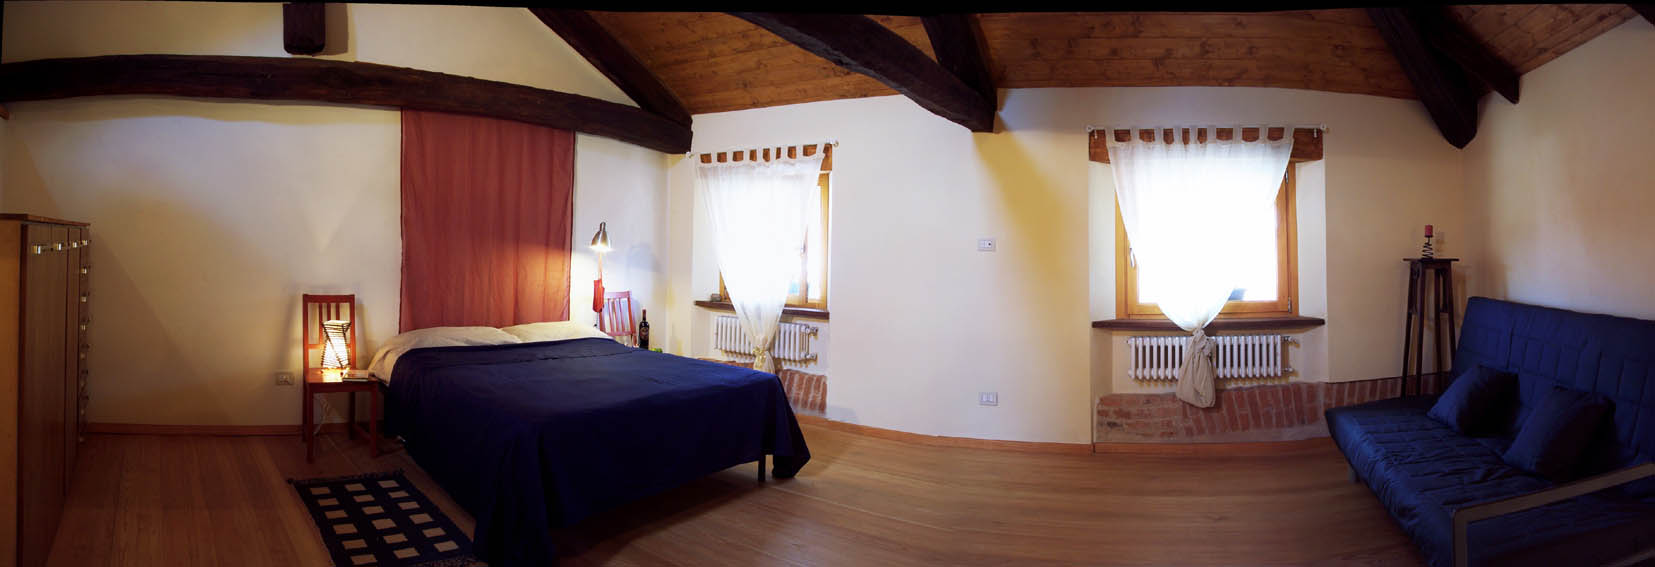 Casa Prosit, Asti, Italy, cheap travel in Asti